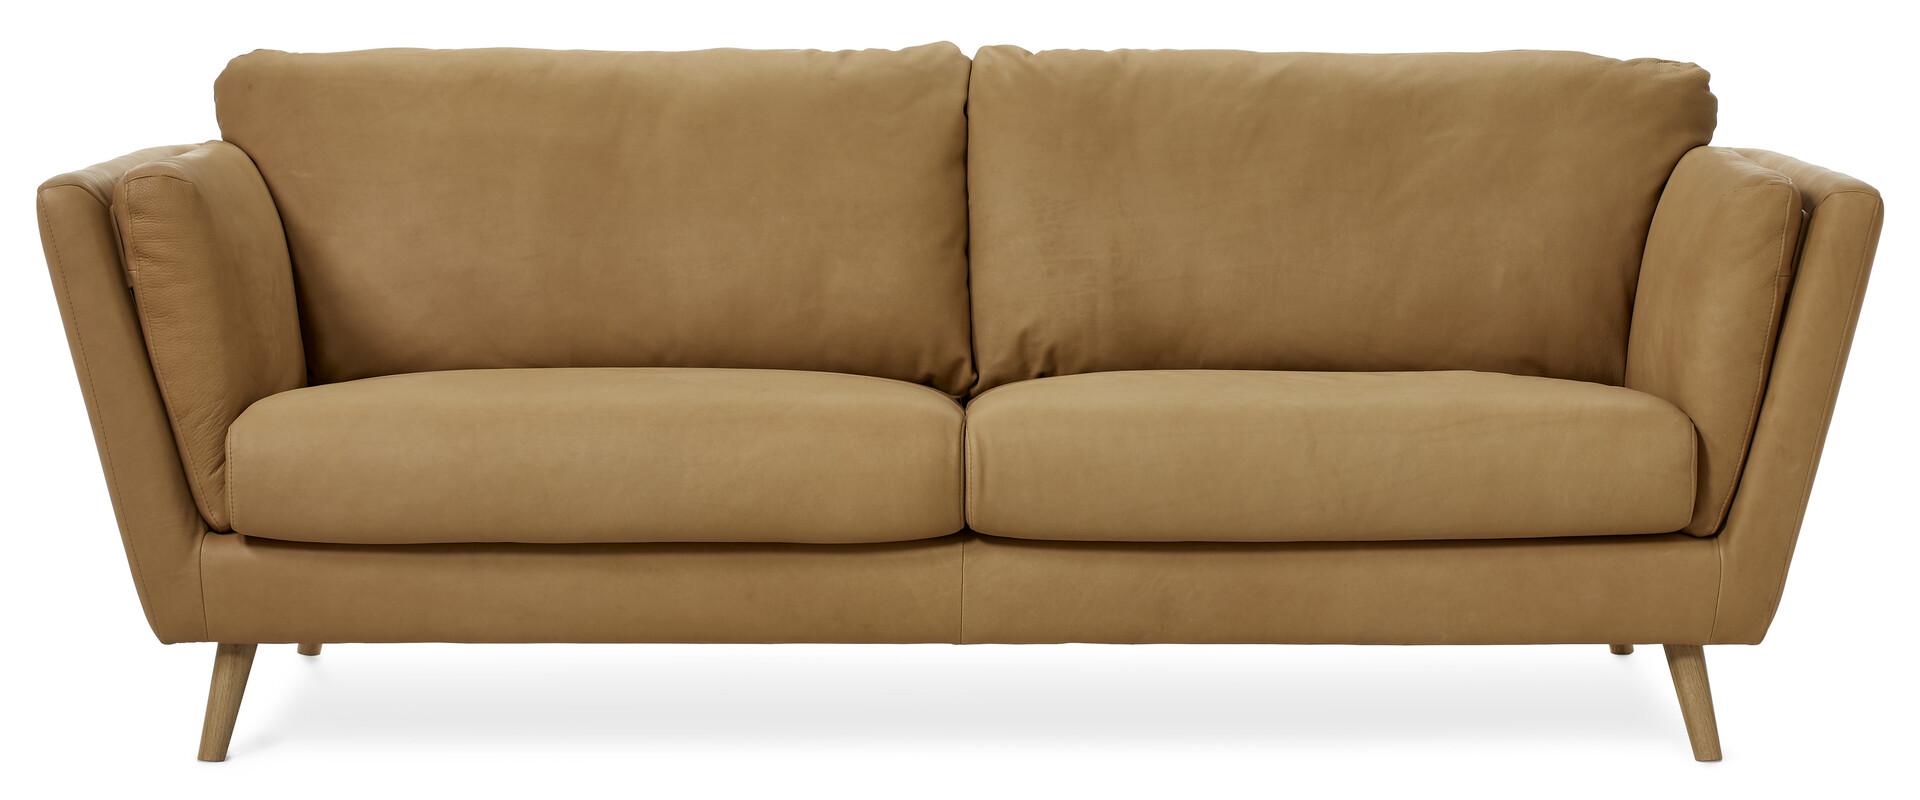 Icke gamla Avenue 3-sits soffa | Soffa | Mio RQ-28